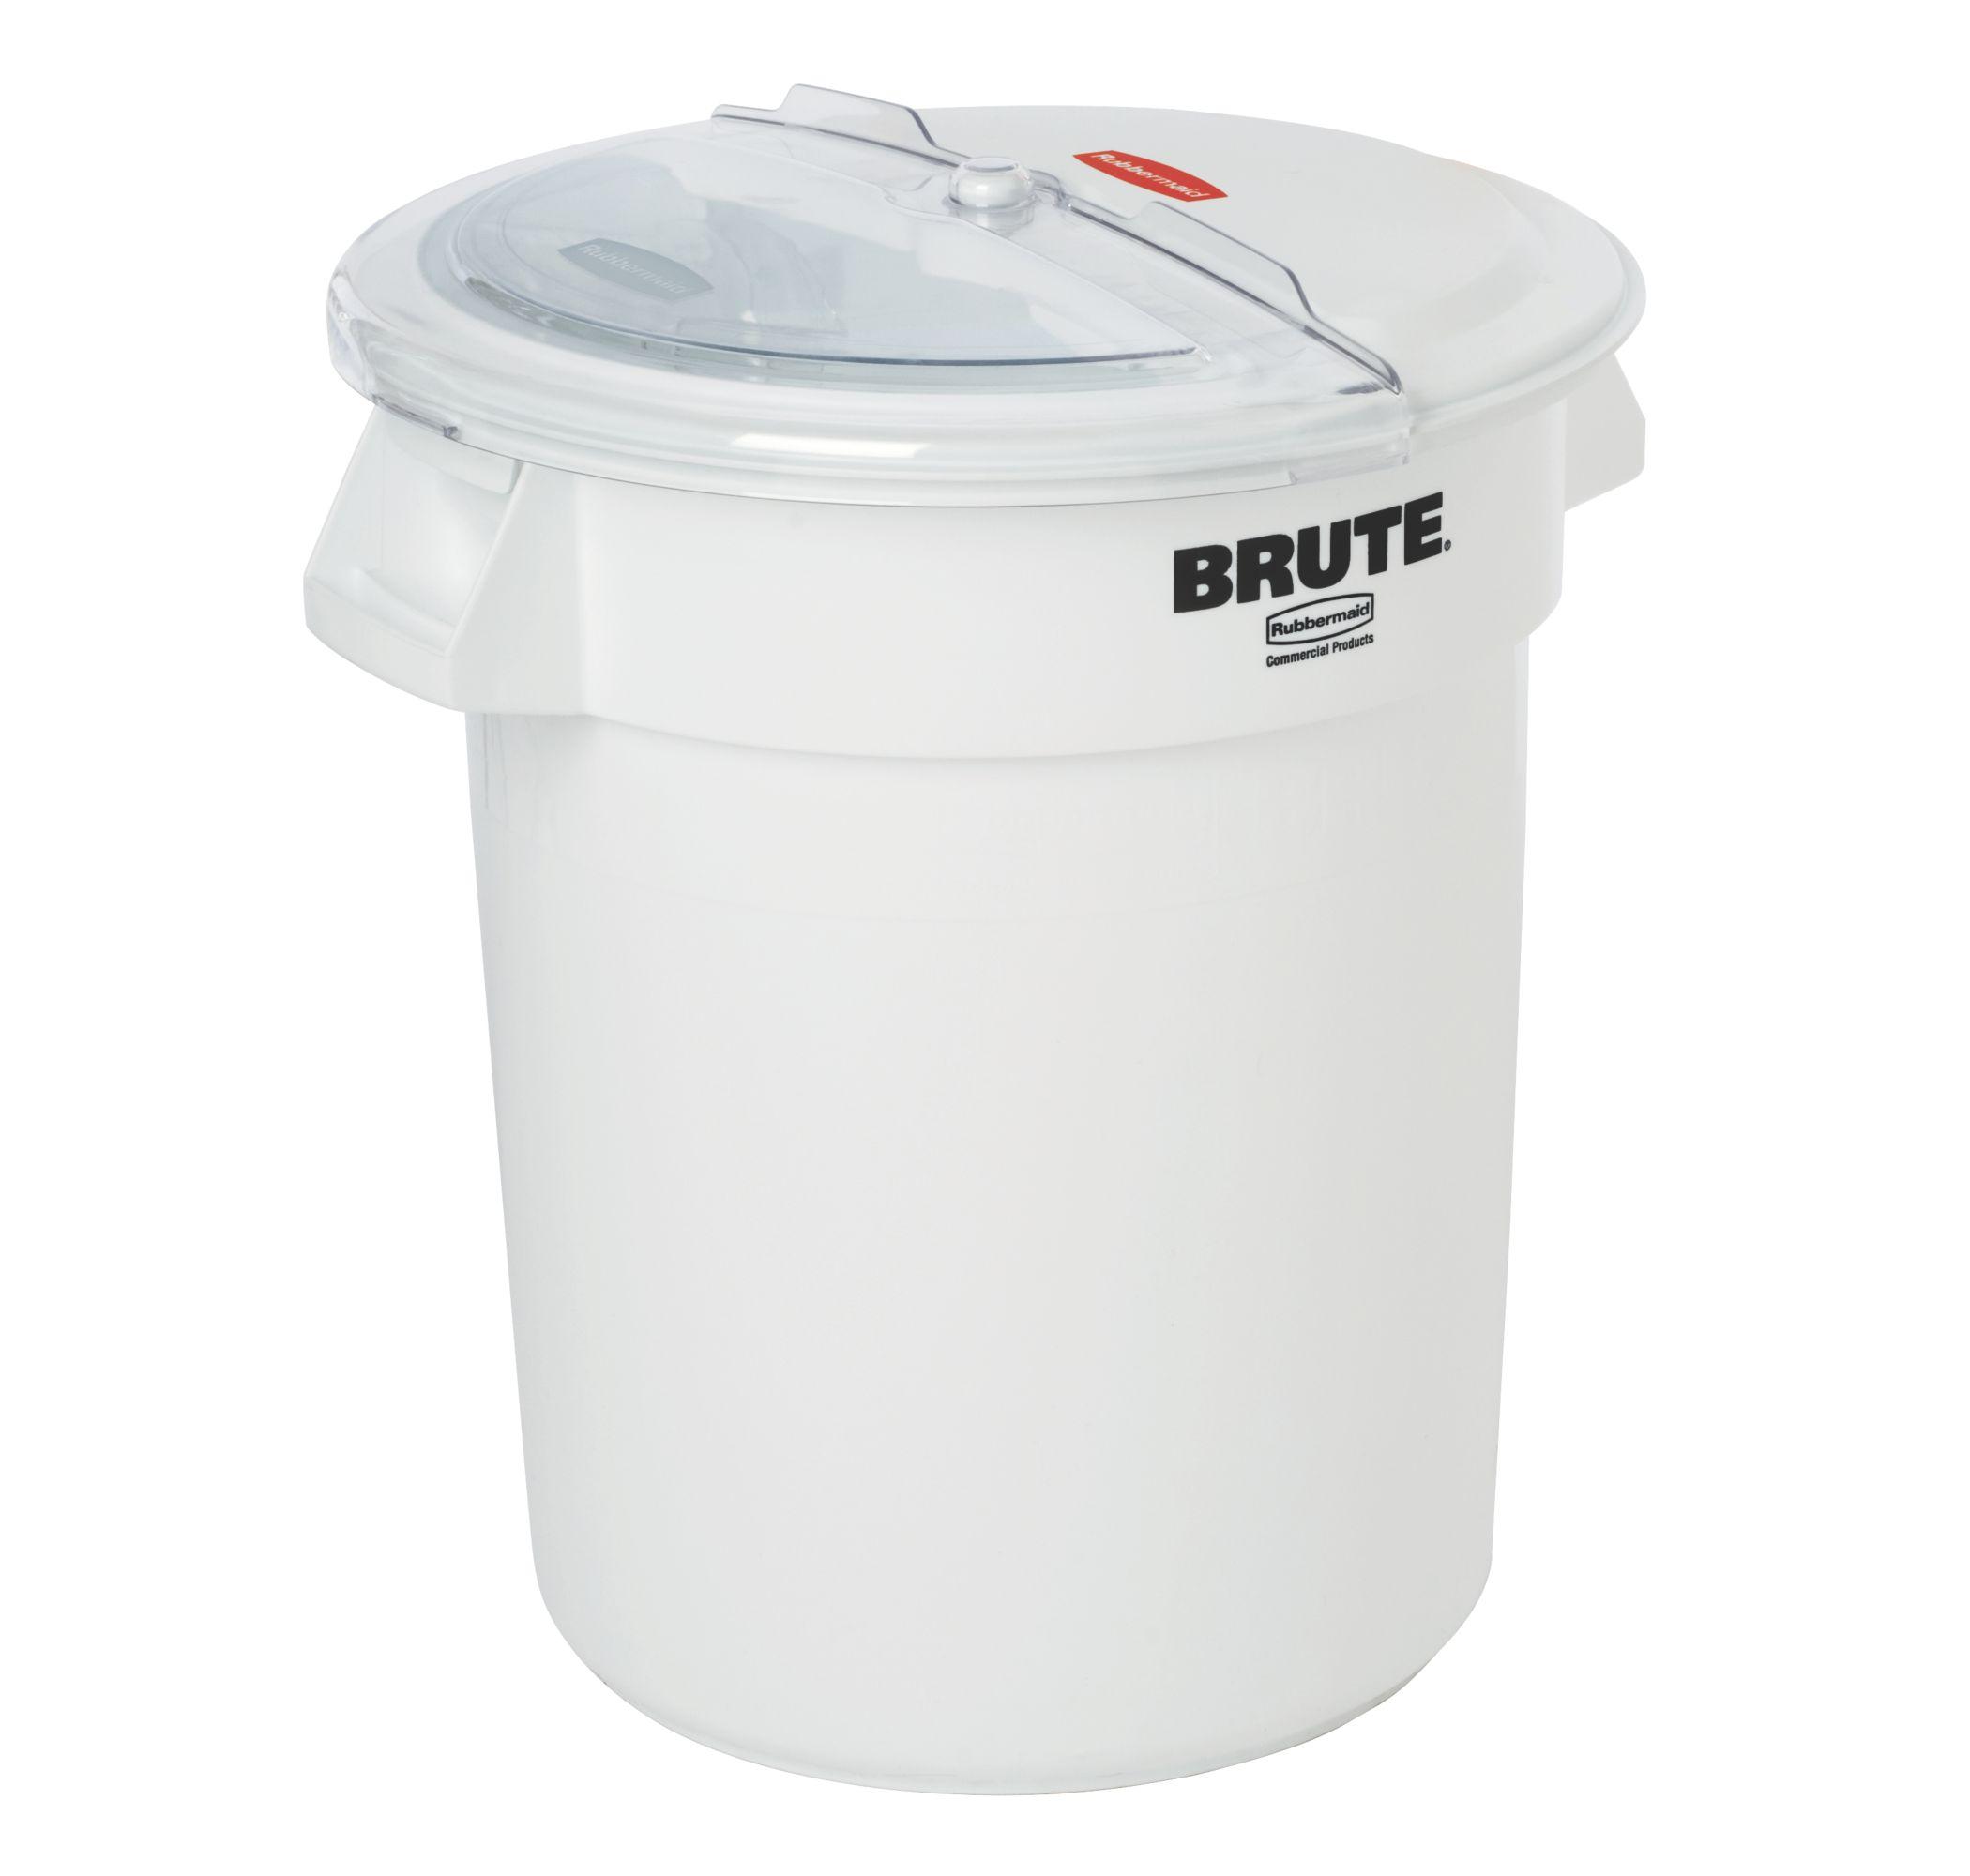 Contenedor Brute + Tapa deslizante y cuchara dosificadora.